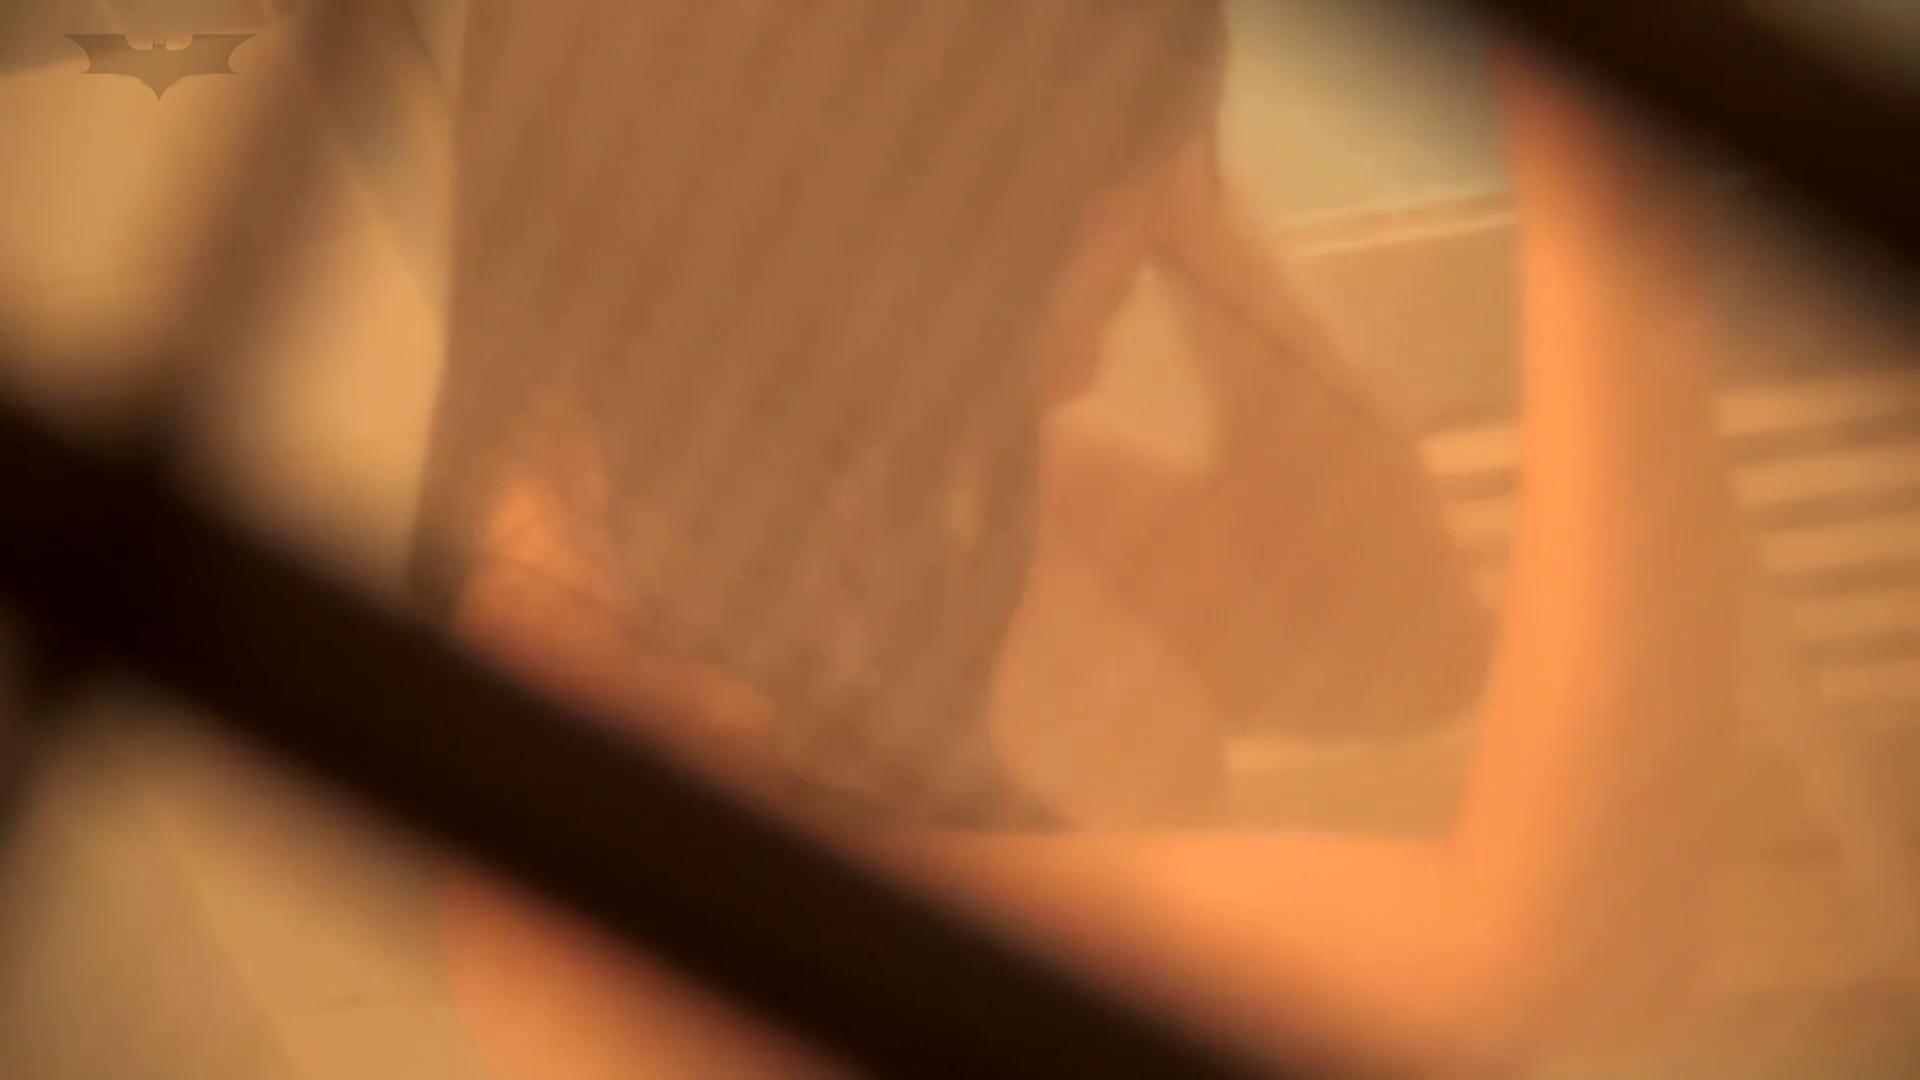 *華の女子寮ノゾキ* vol.03 こないだまでJKだった黒髪炉利っ子。 OLの実態   女子寮  29pic 7